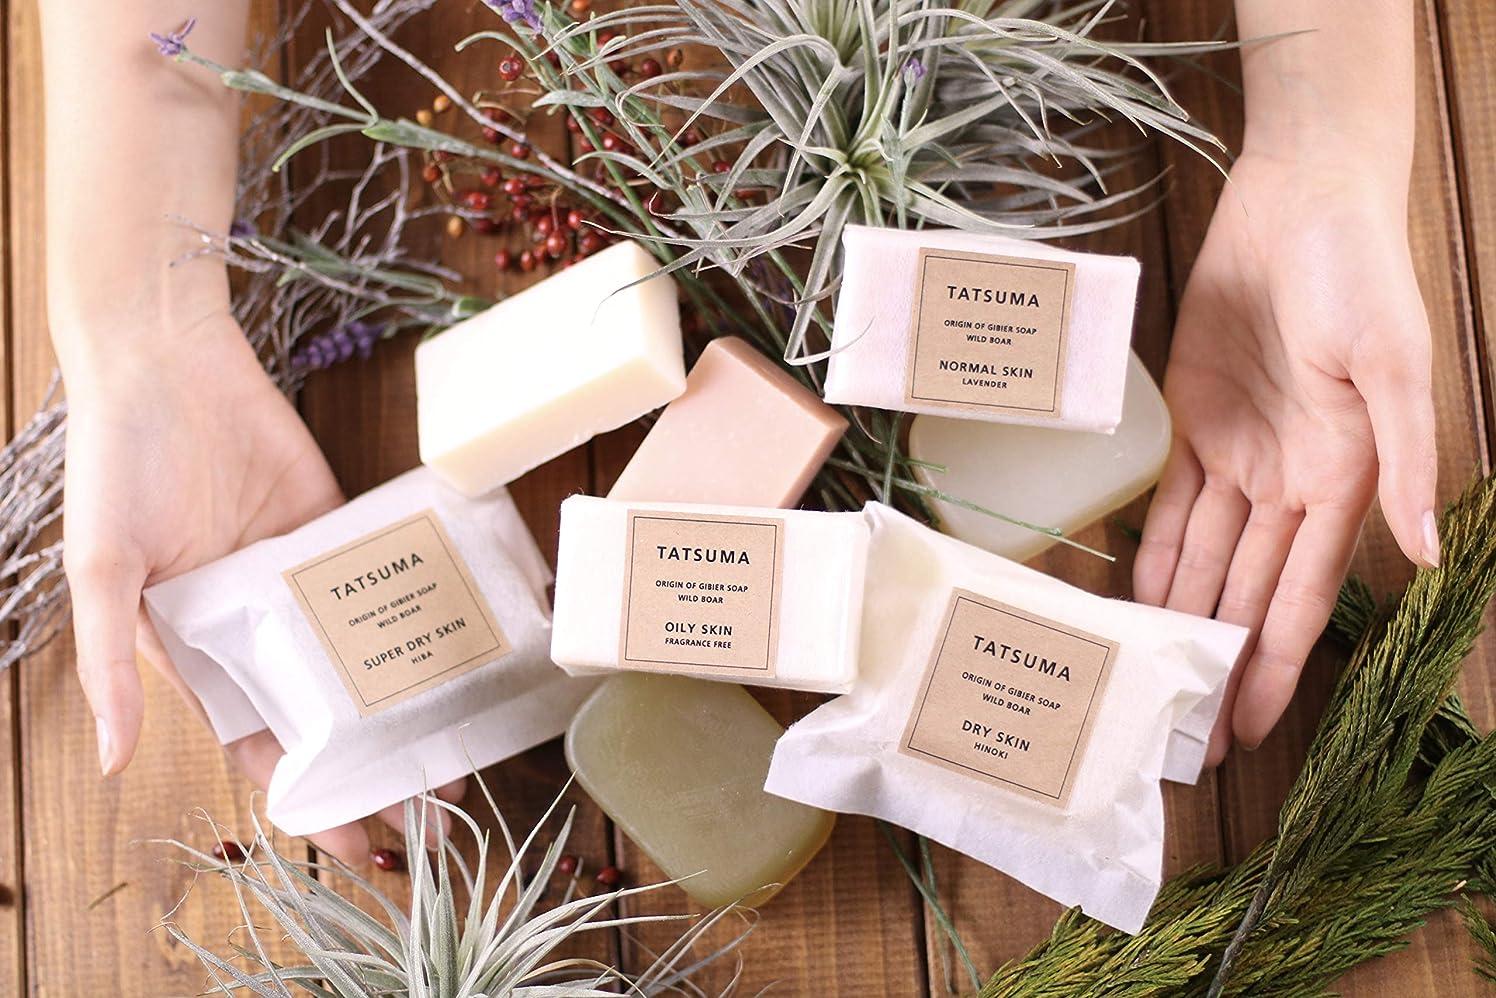 接続おめでとう記念品TATSUMA SOAP 動物性オイルの無添加石鹸 SUPER DRY SKIN 超乾燥肌さん ヒバの香(100g)